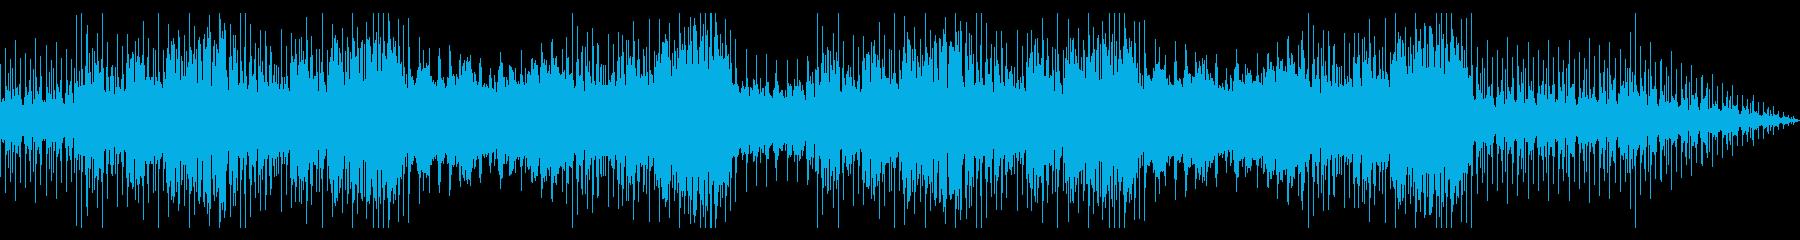 ゆったりとしたインストの再生済みの波形